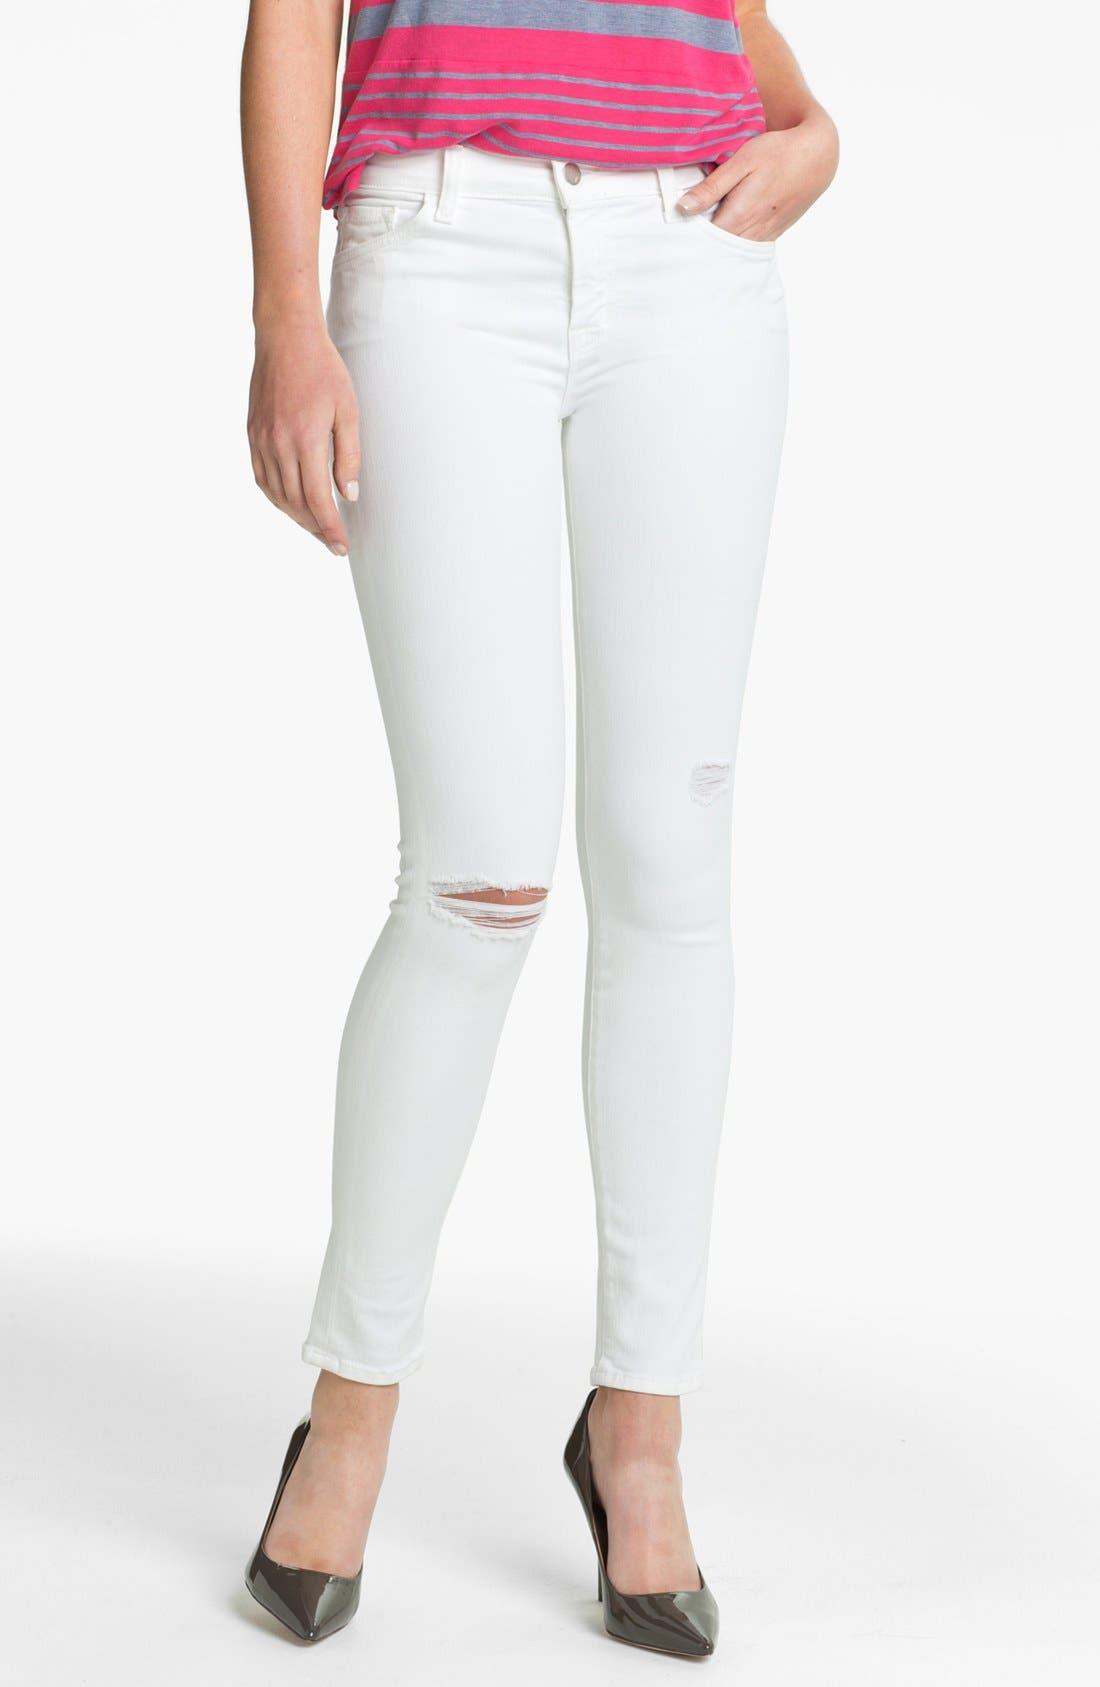 Alternate Image 1 Selected - J Brand Destroyed Skinny Jeans (Blanc Destruct)